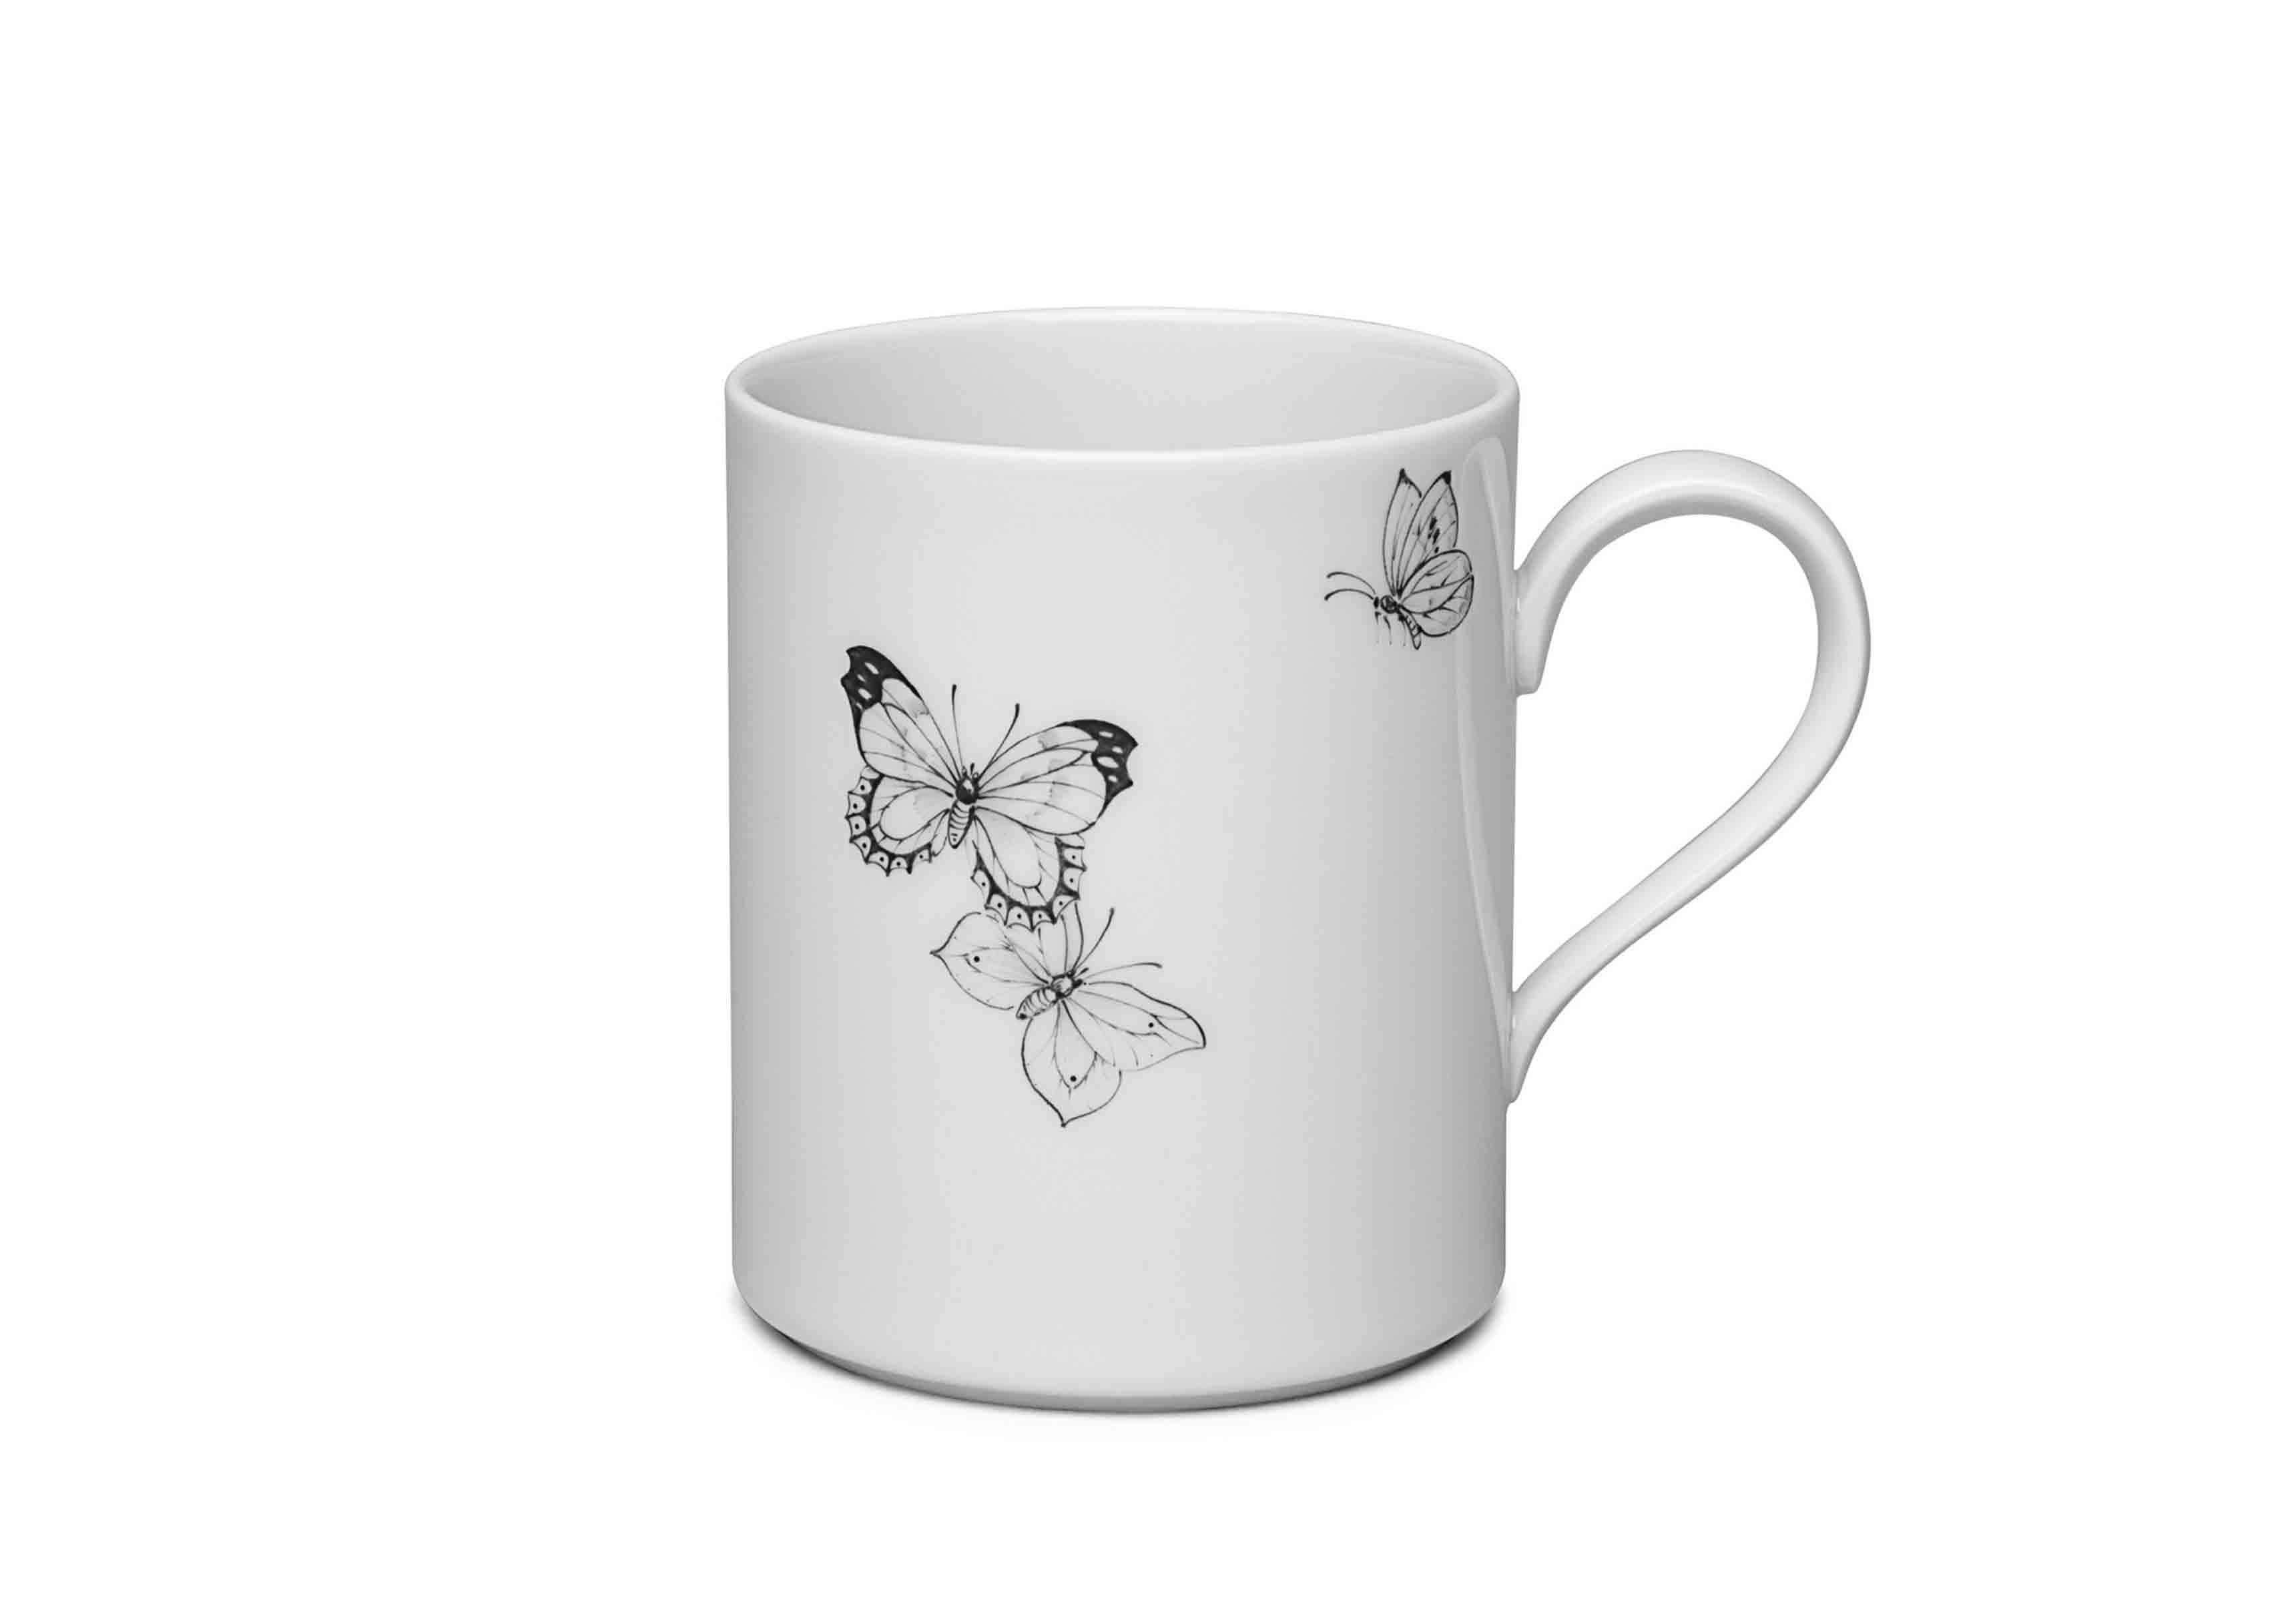 Mug en porcelaine, motif papillons, issu de la nouvelle collection Maison de Bottega Veneta, à l'occasion du Salone del Mobile de Milan.